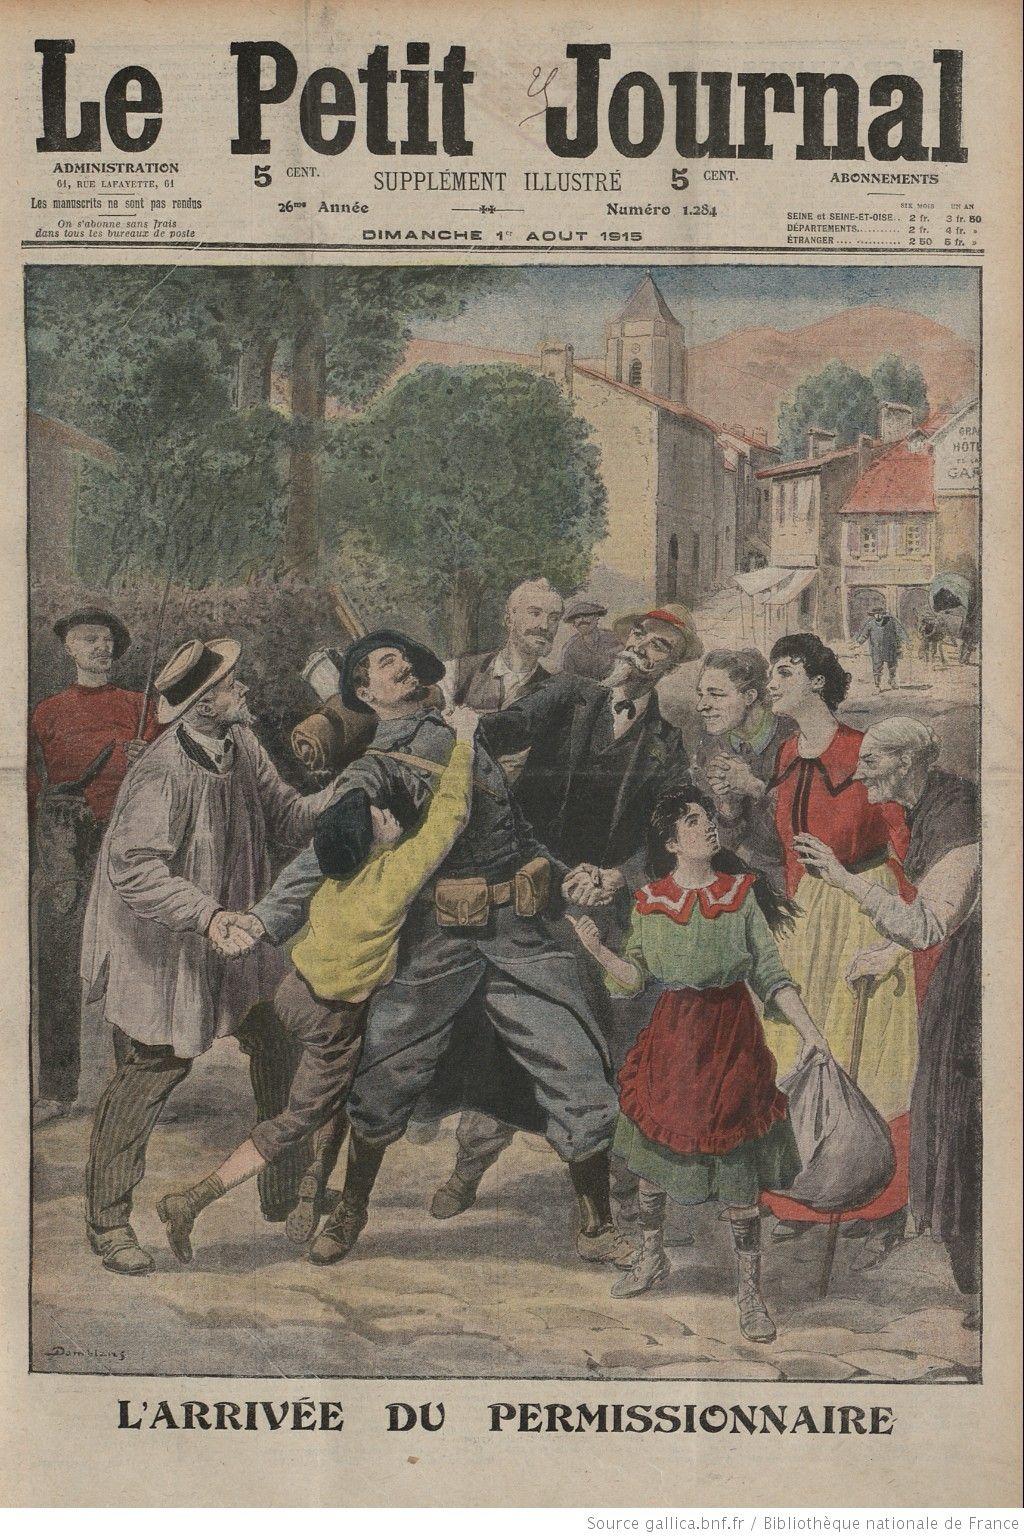 Le Petit Journal. Supplément Du Dimanche | 1915-08-01 destiné Numéro Des Départements